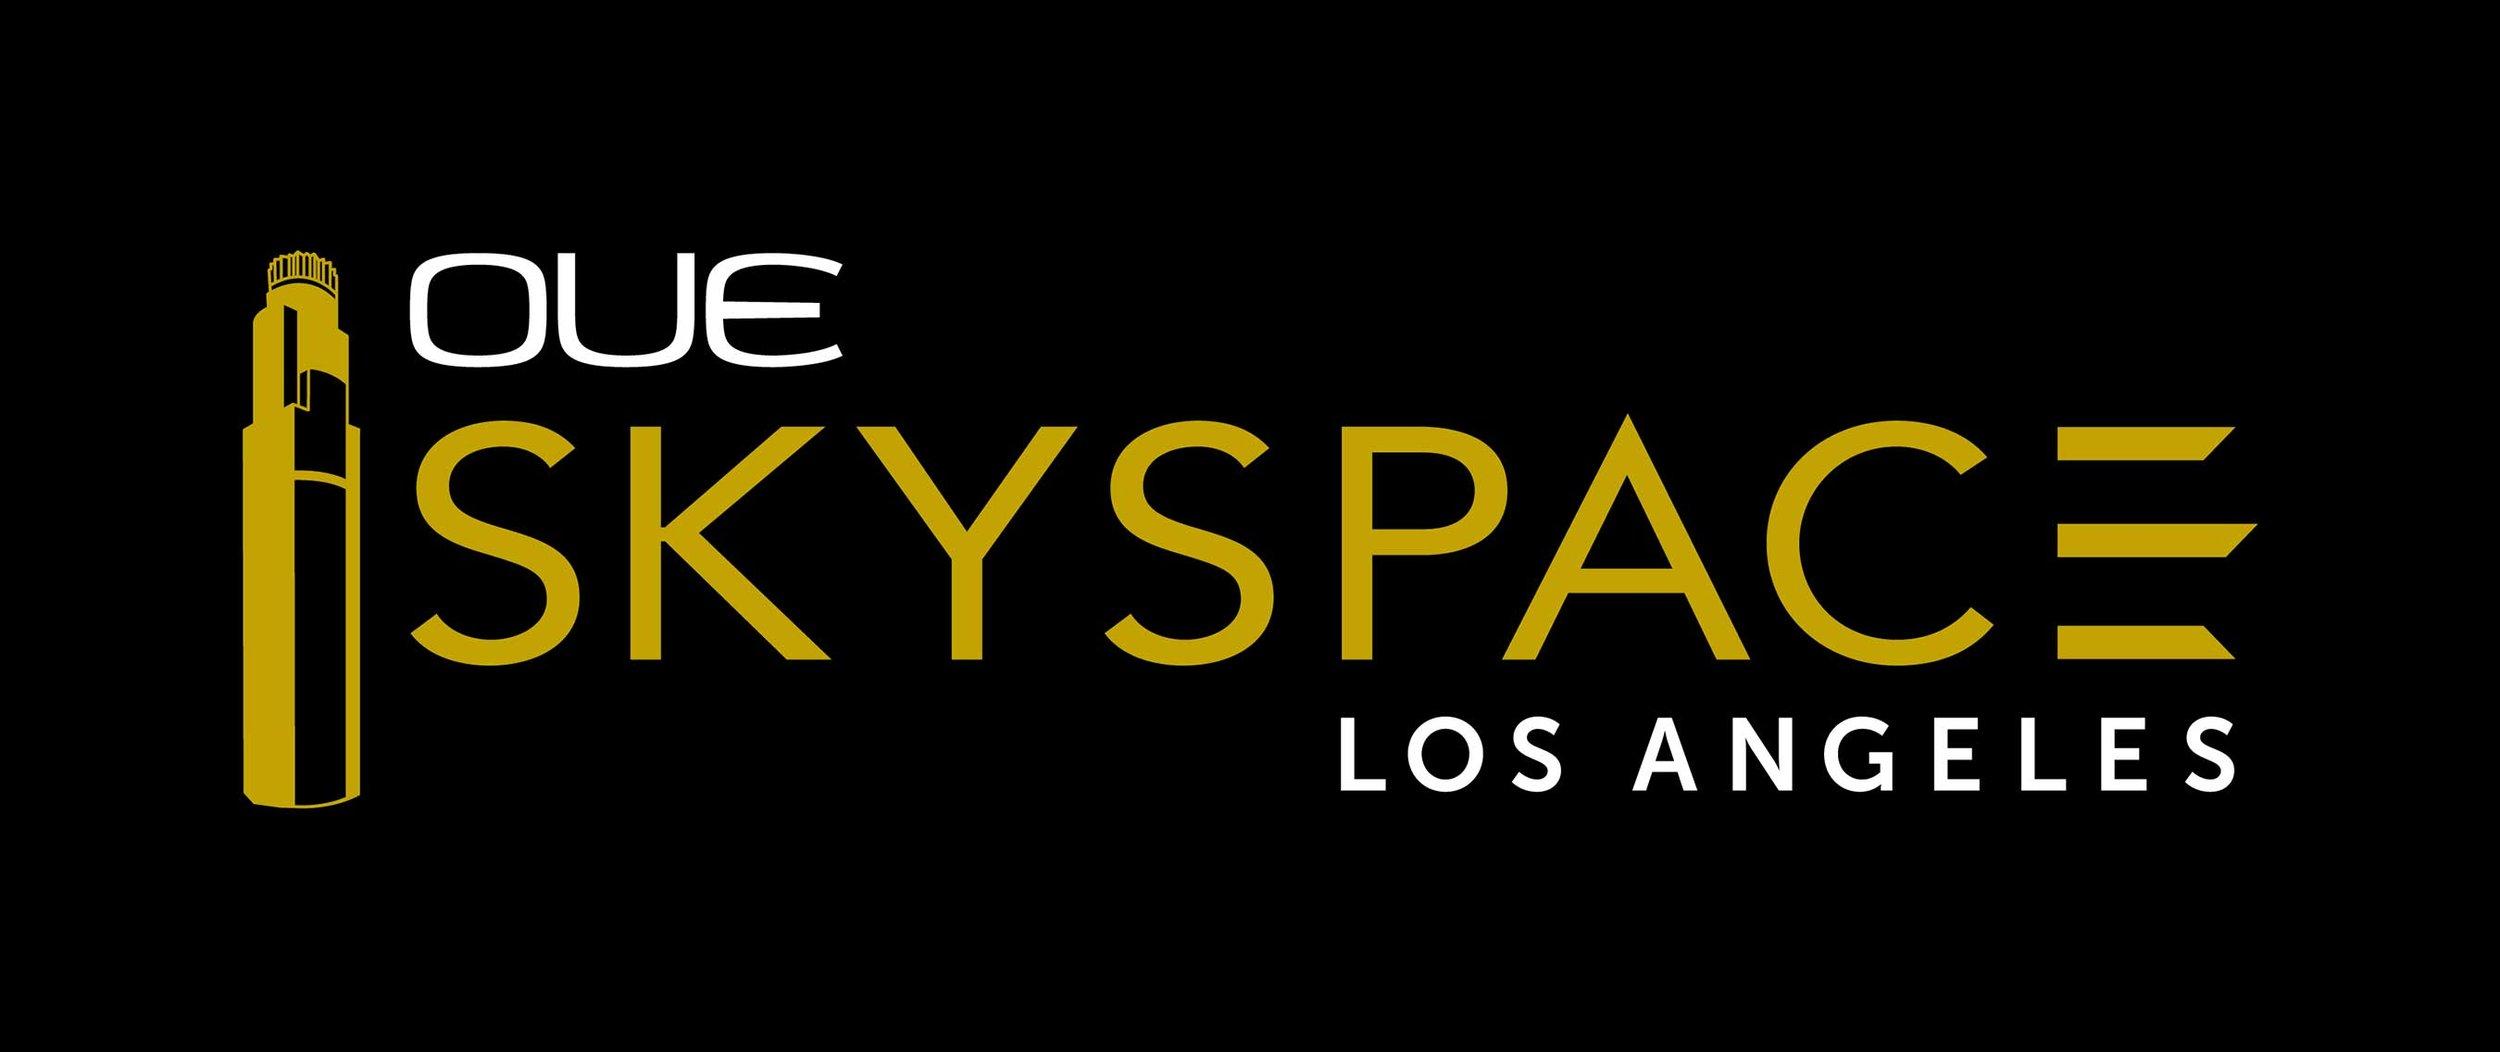 oue-skyspace-los-angeles-logo-10-HR.jpg